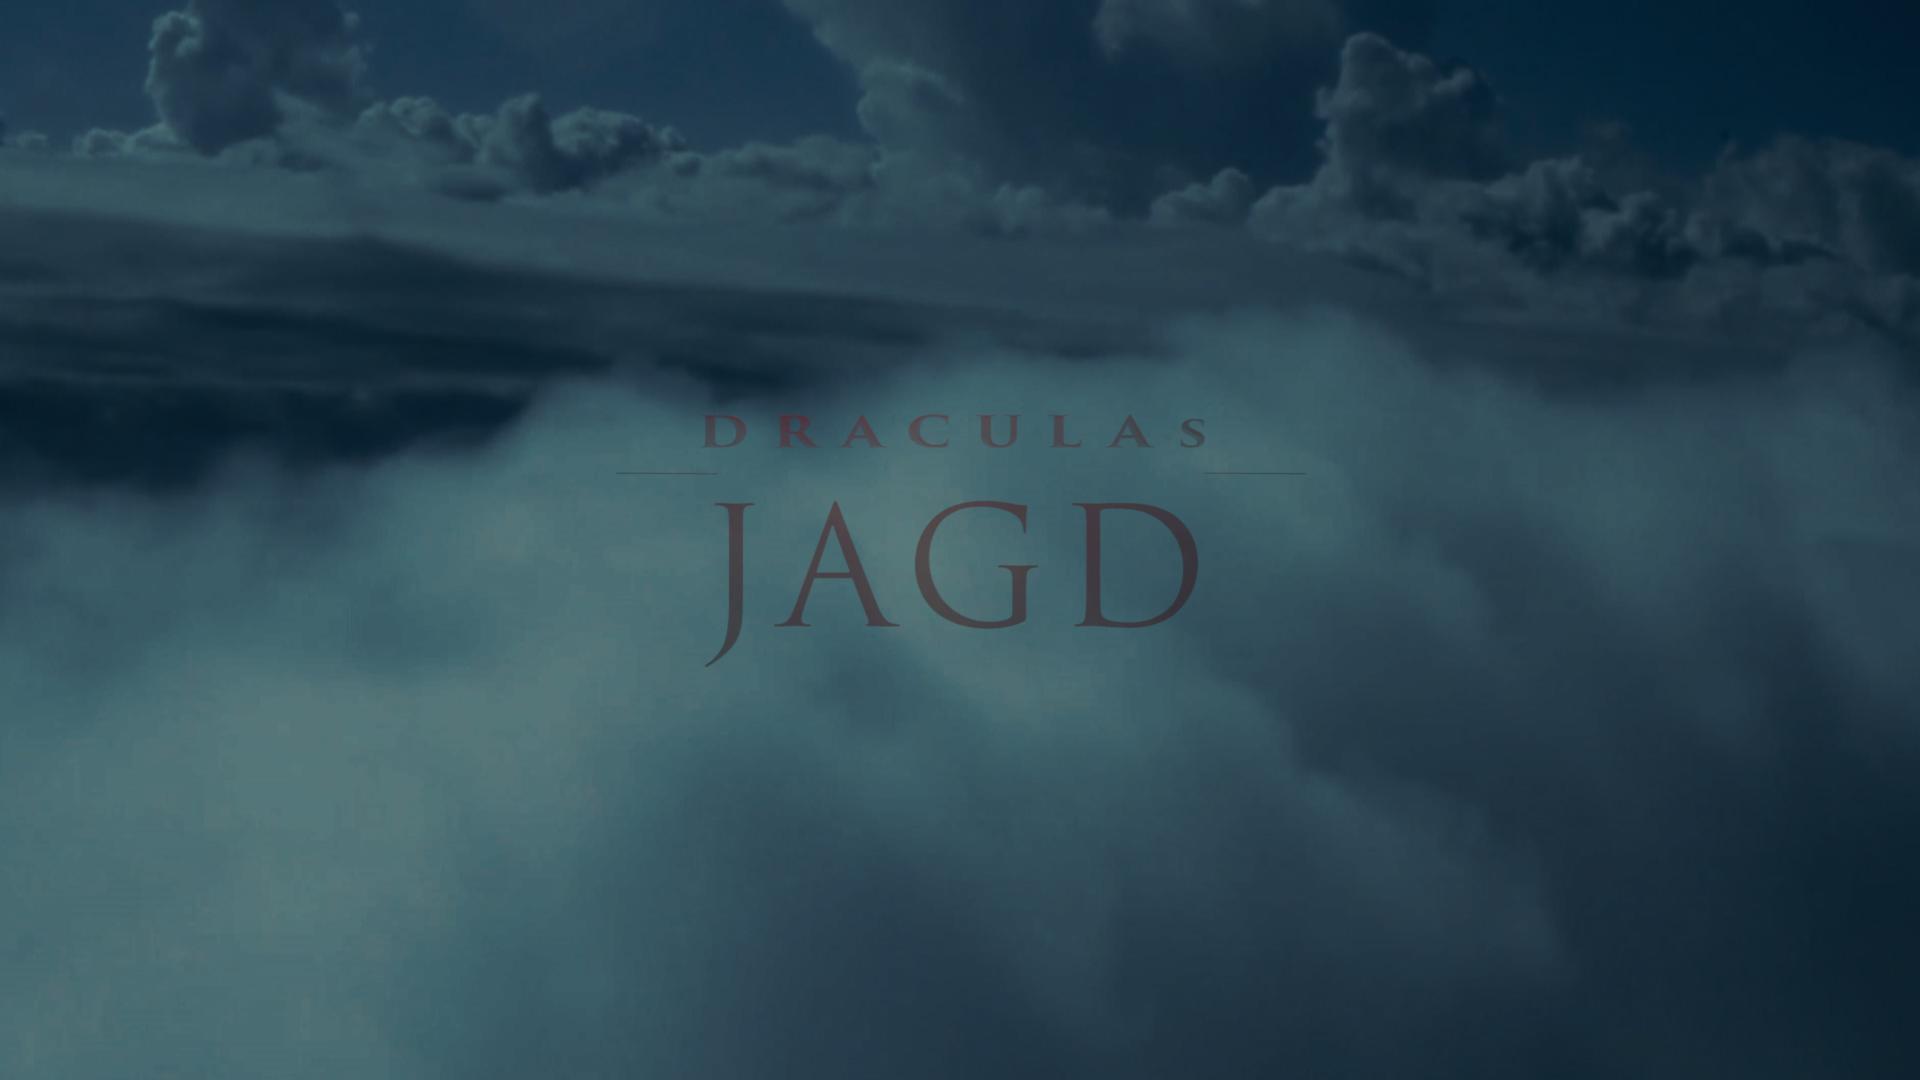 Draculas Jagd